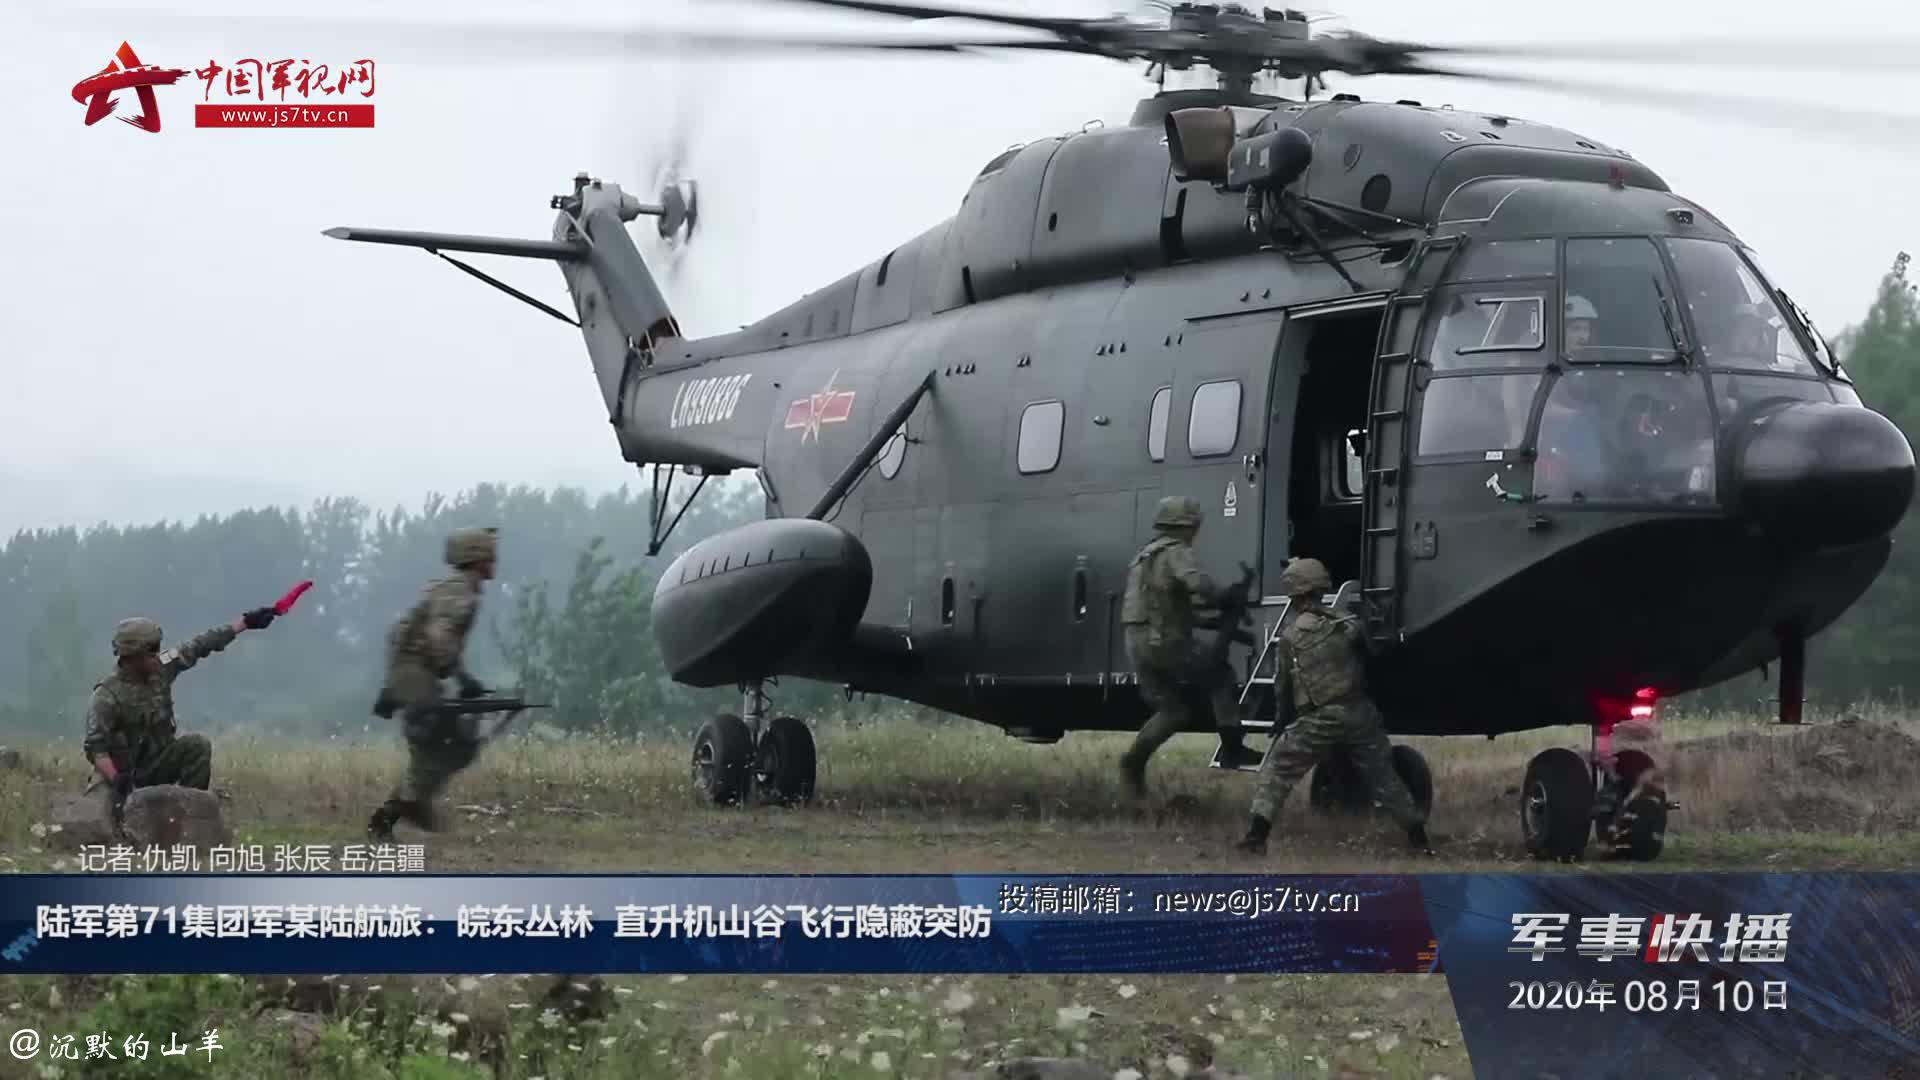 估计是71集团军特战旅身穿星空迷彩装具进行机降突击训练